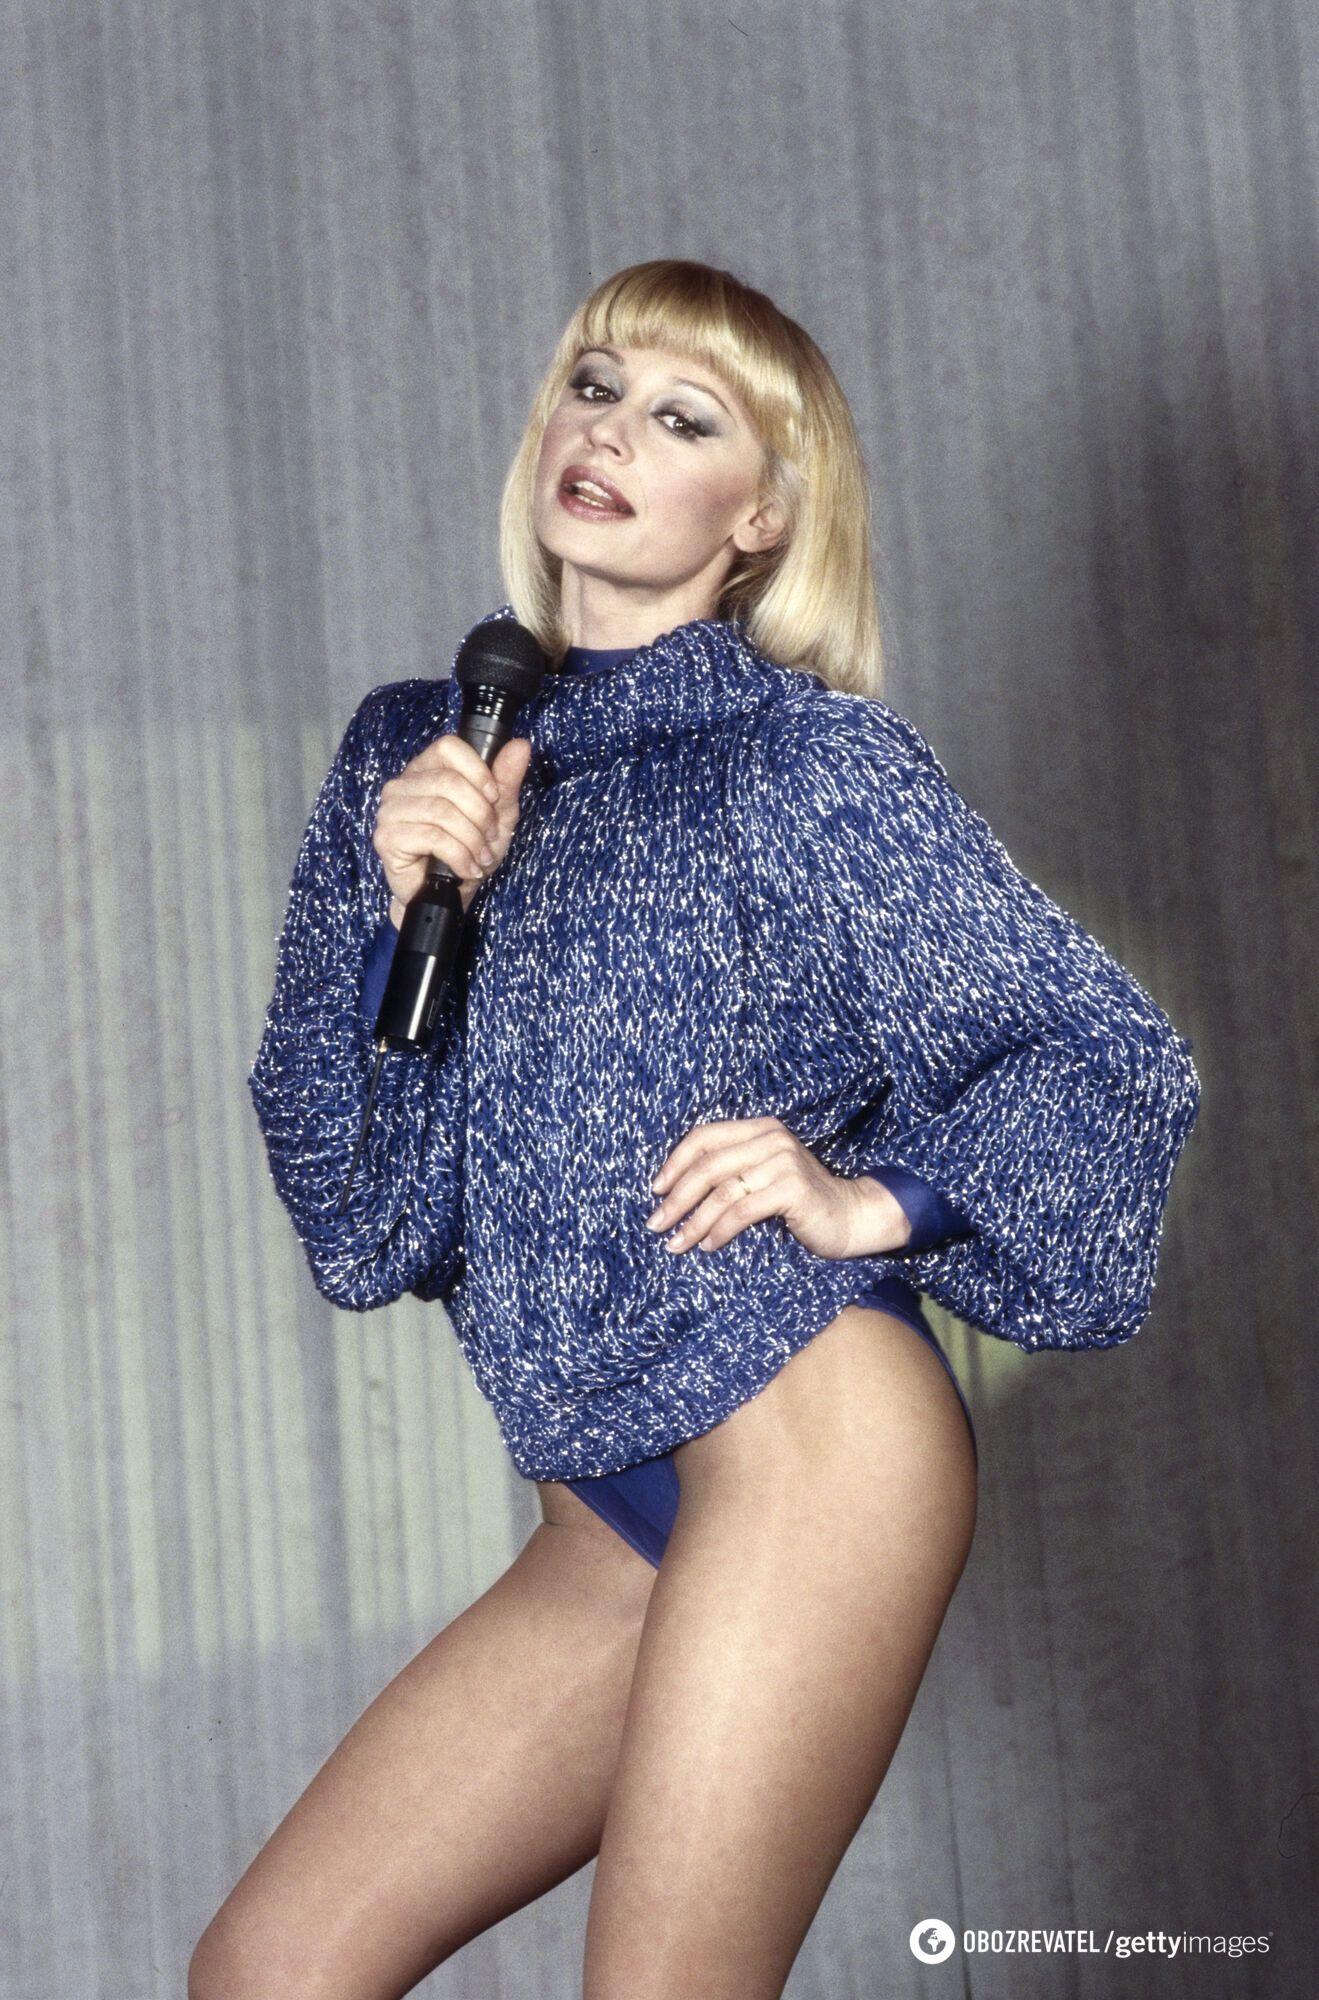 Певица Рафаэлла Карра умерла в 78 лет.